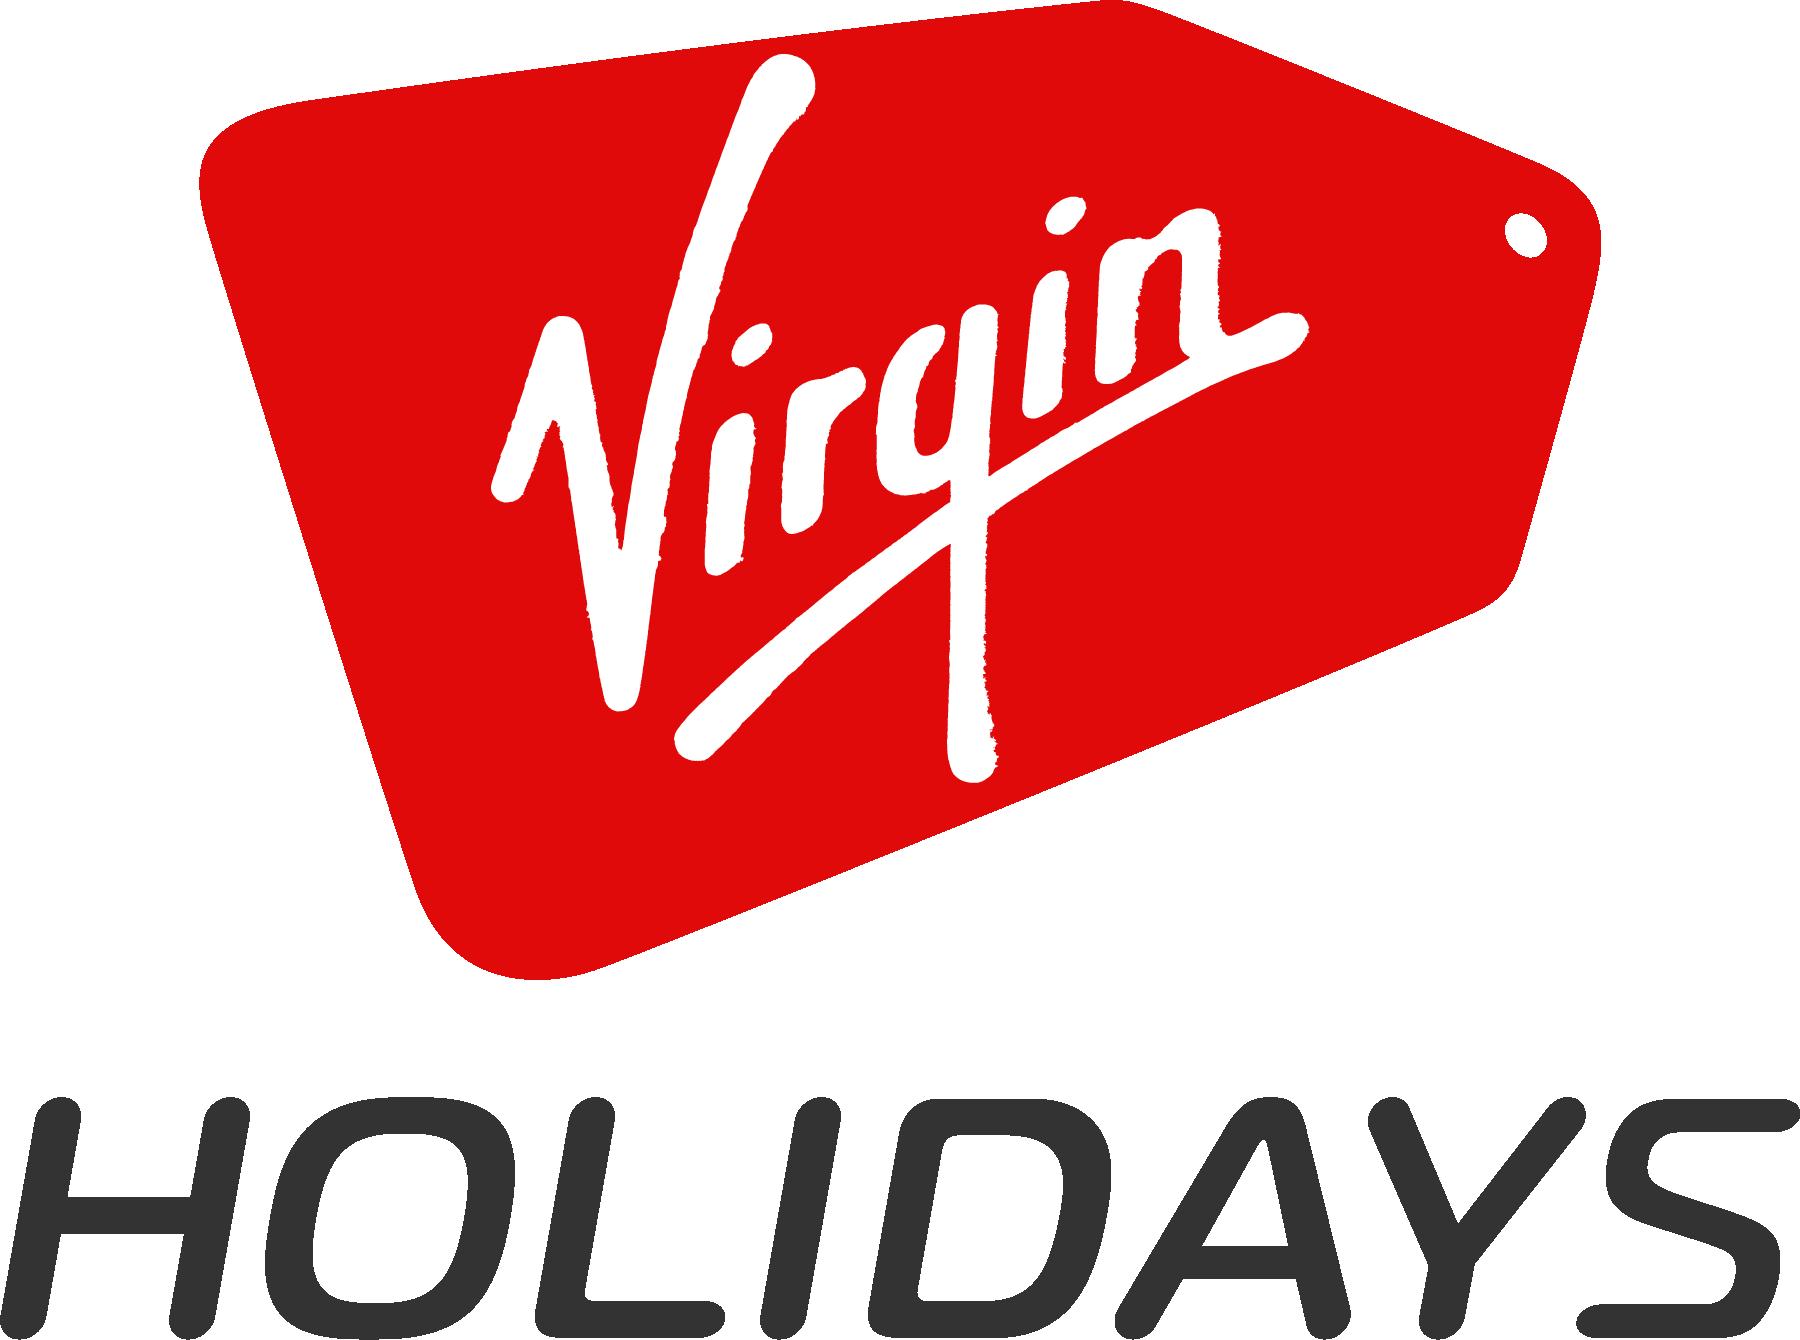 Virgin Holidays at Debenhams, Nottingham